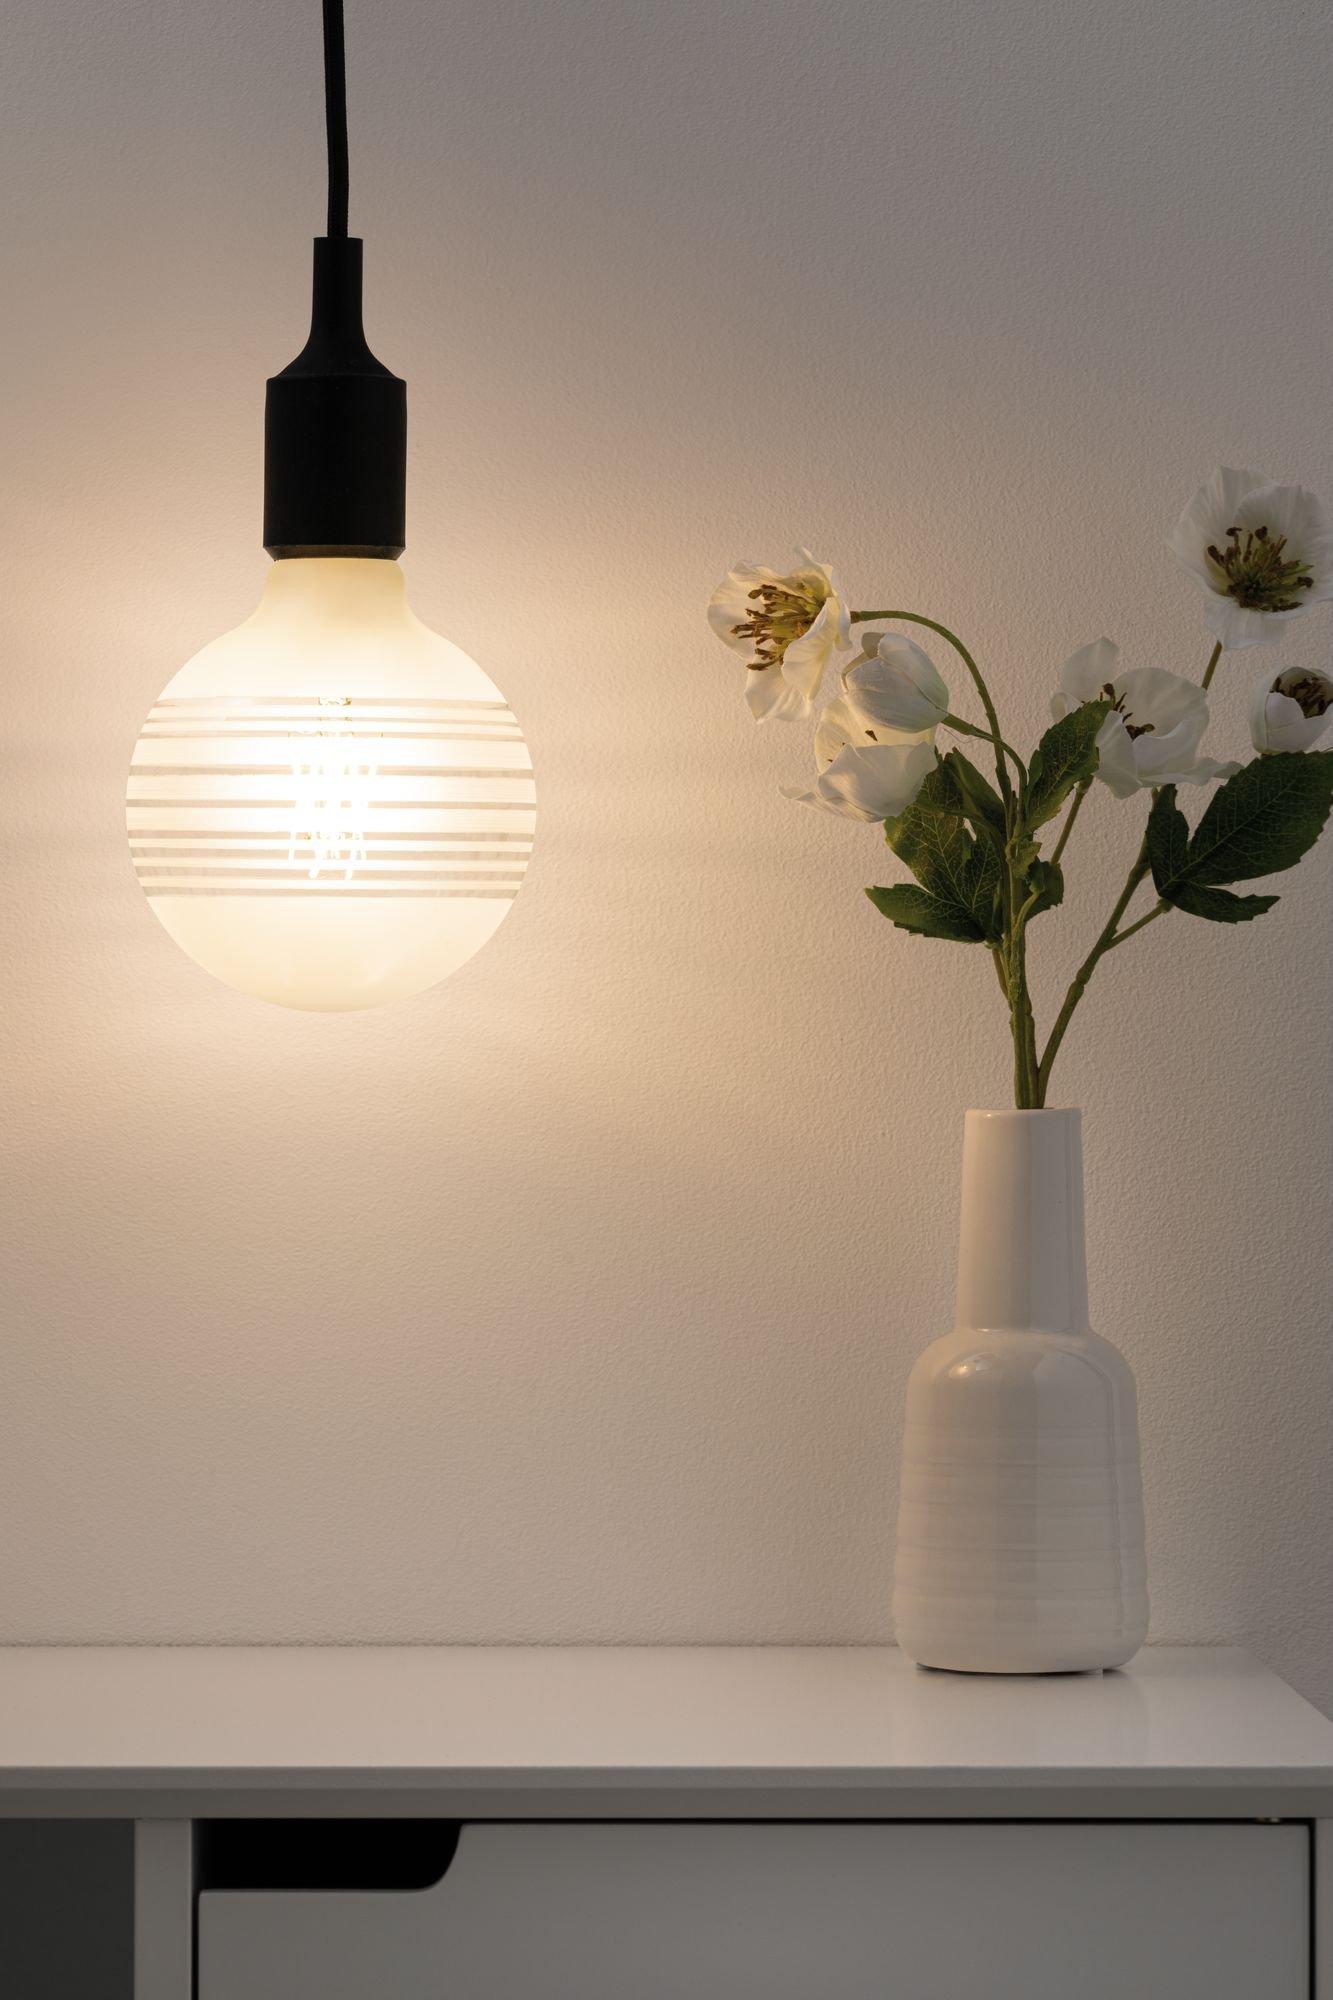 Modern Classic Edition LED Globe Ringspiegel längst liniert E27 230V 470lm 4,5W 2600K Ringspiegel weiß